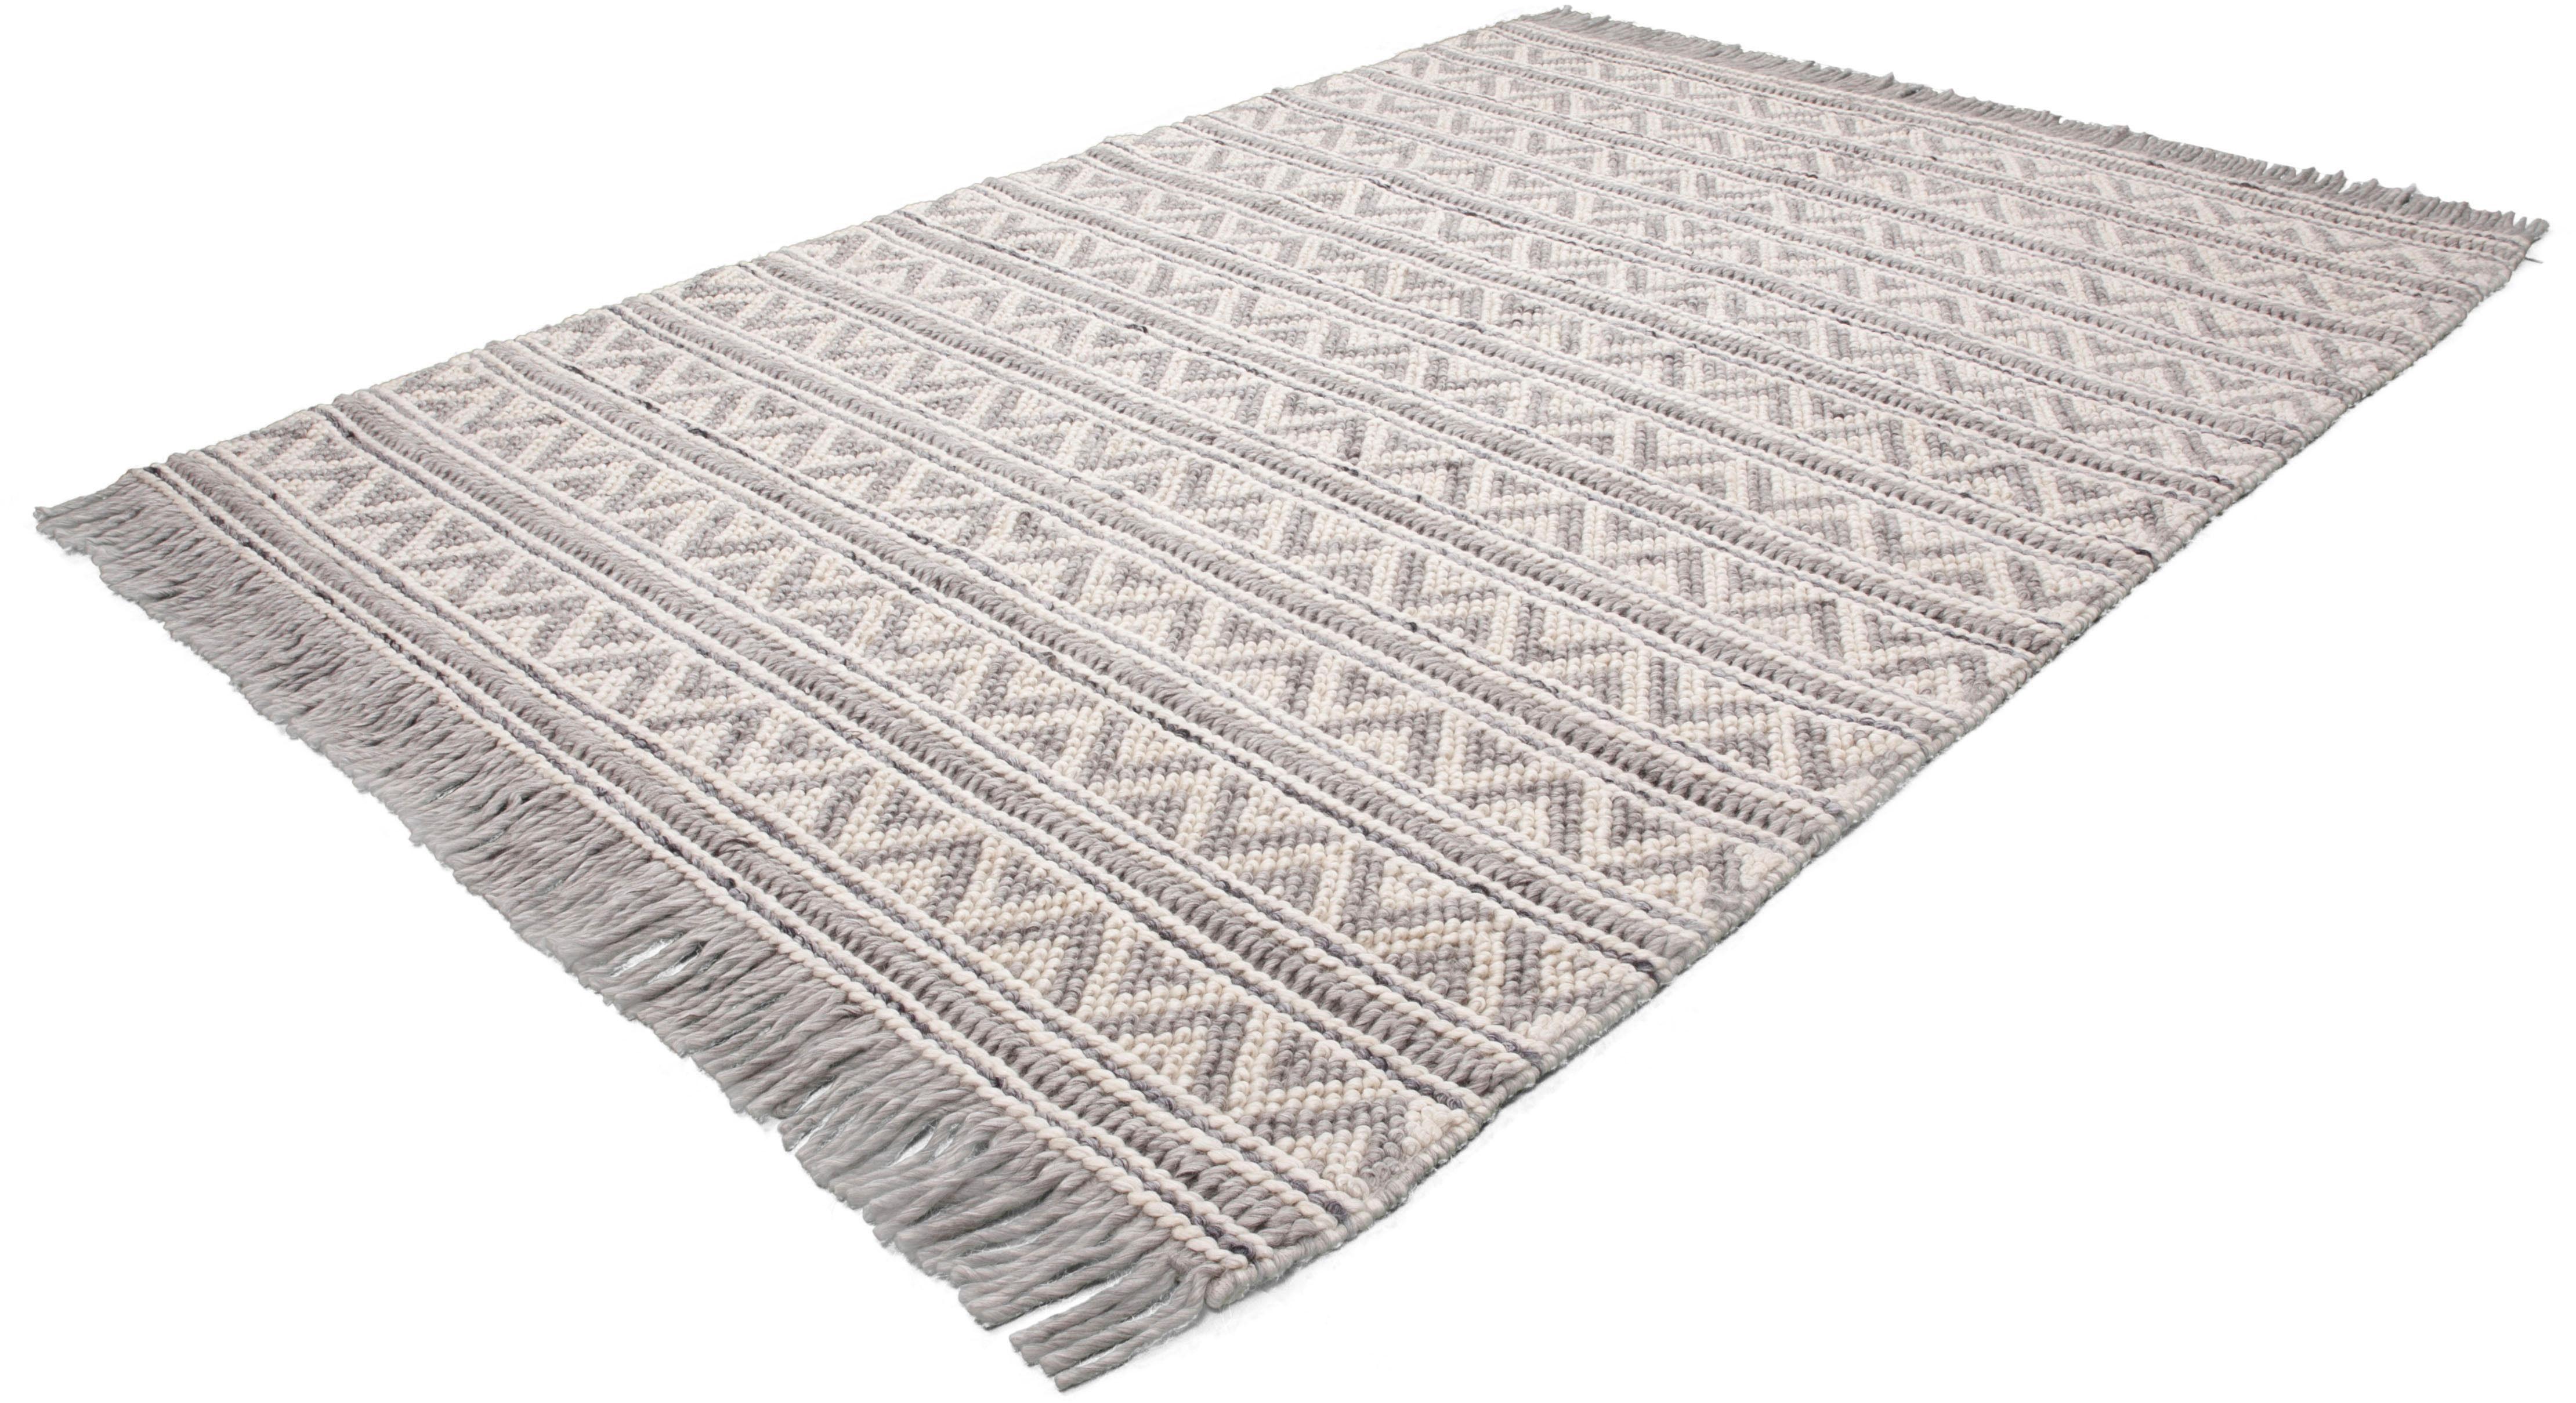 Teppich Bature 500 calo-deluxe rechteckig Höhe 10 mm handgewebt